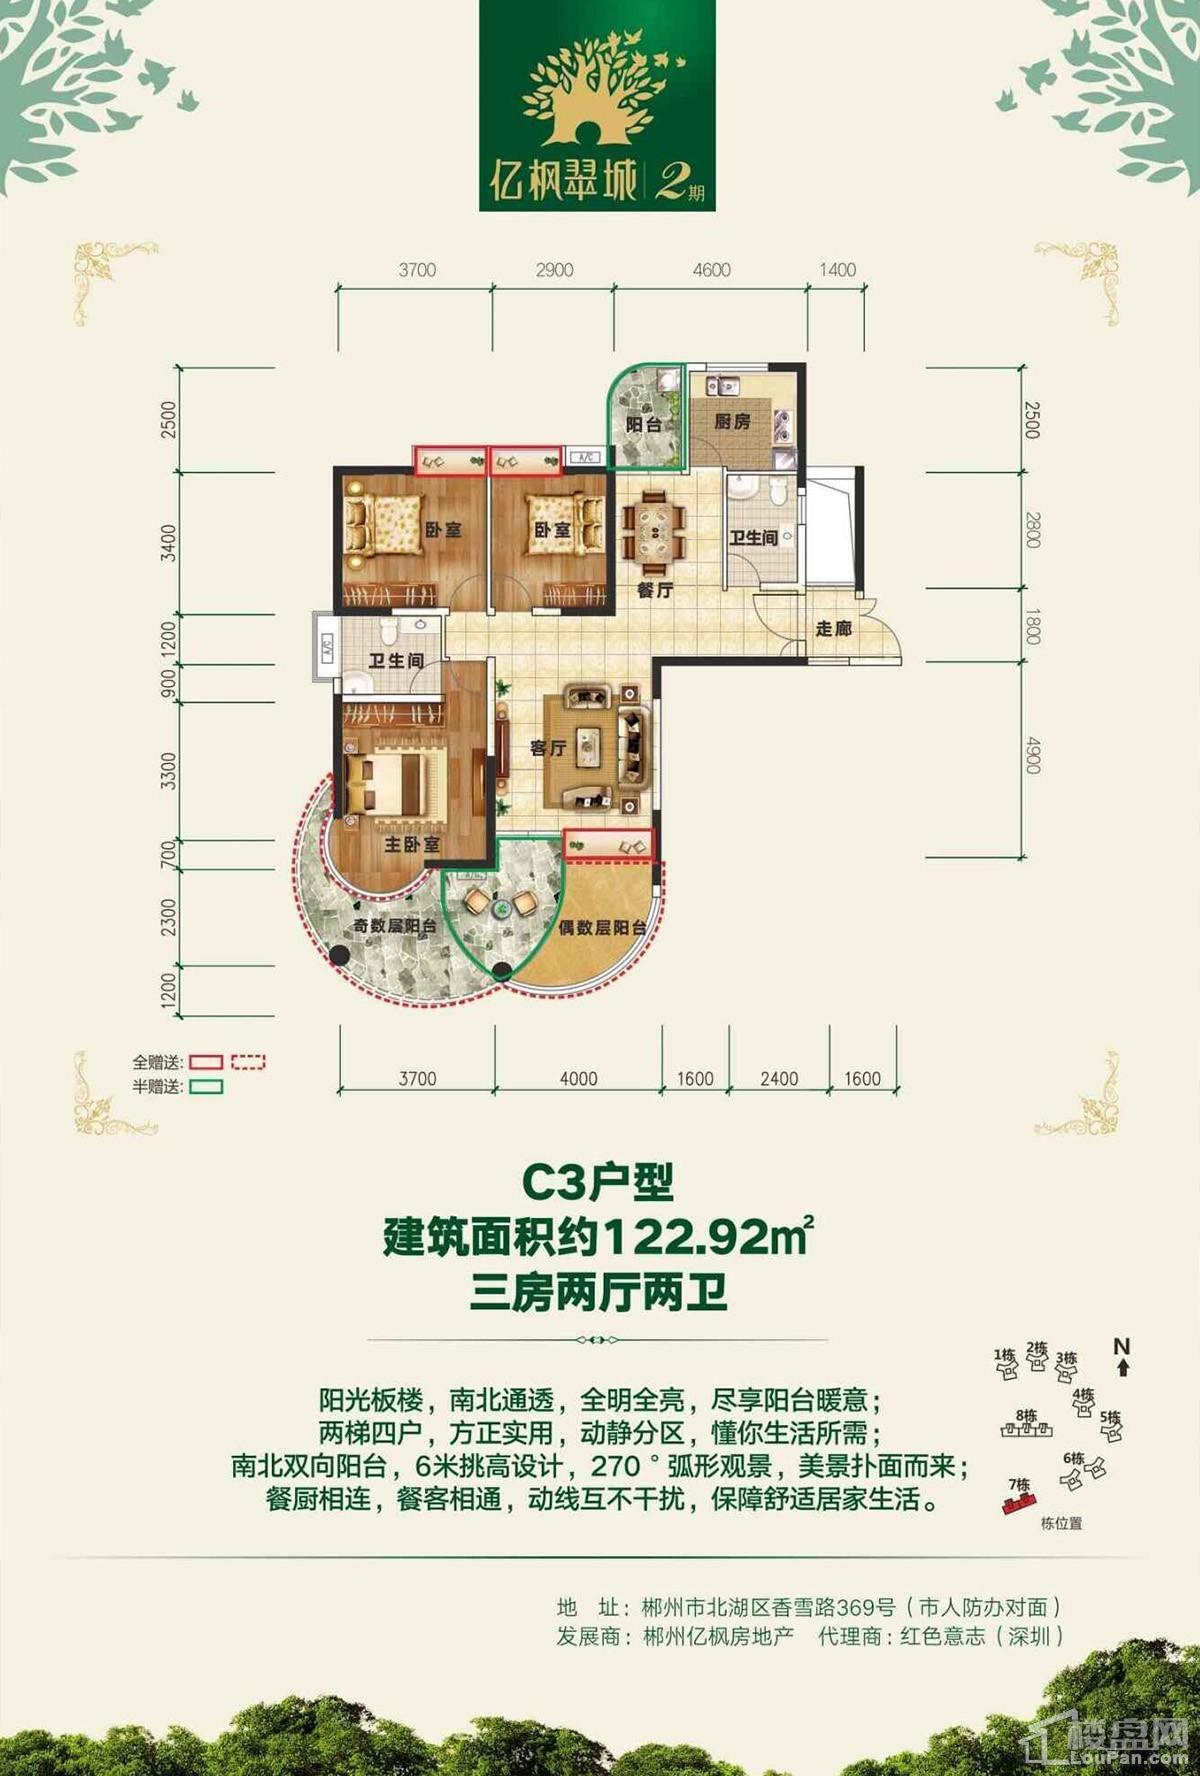 亿枫翠城7栋C3户型